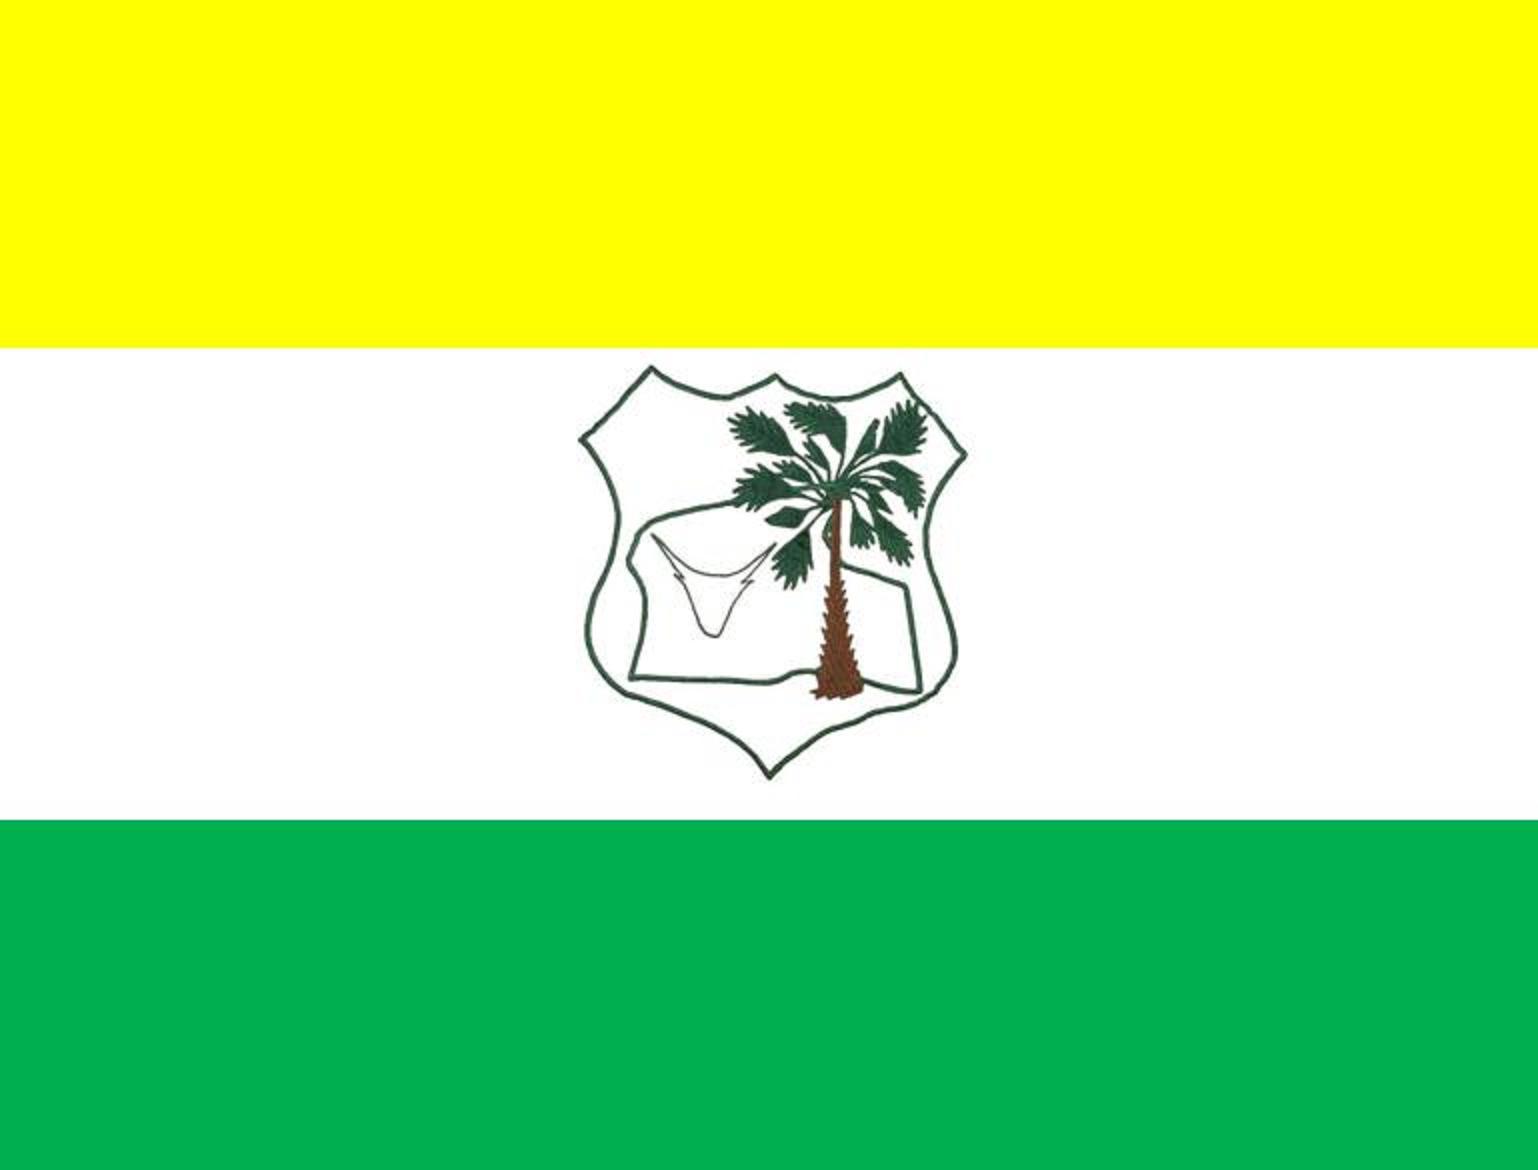 Bandeira mora%25c3%25bajo